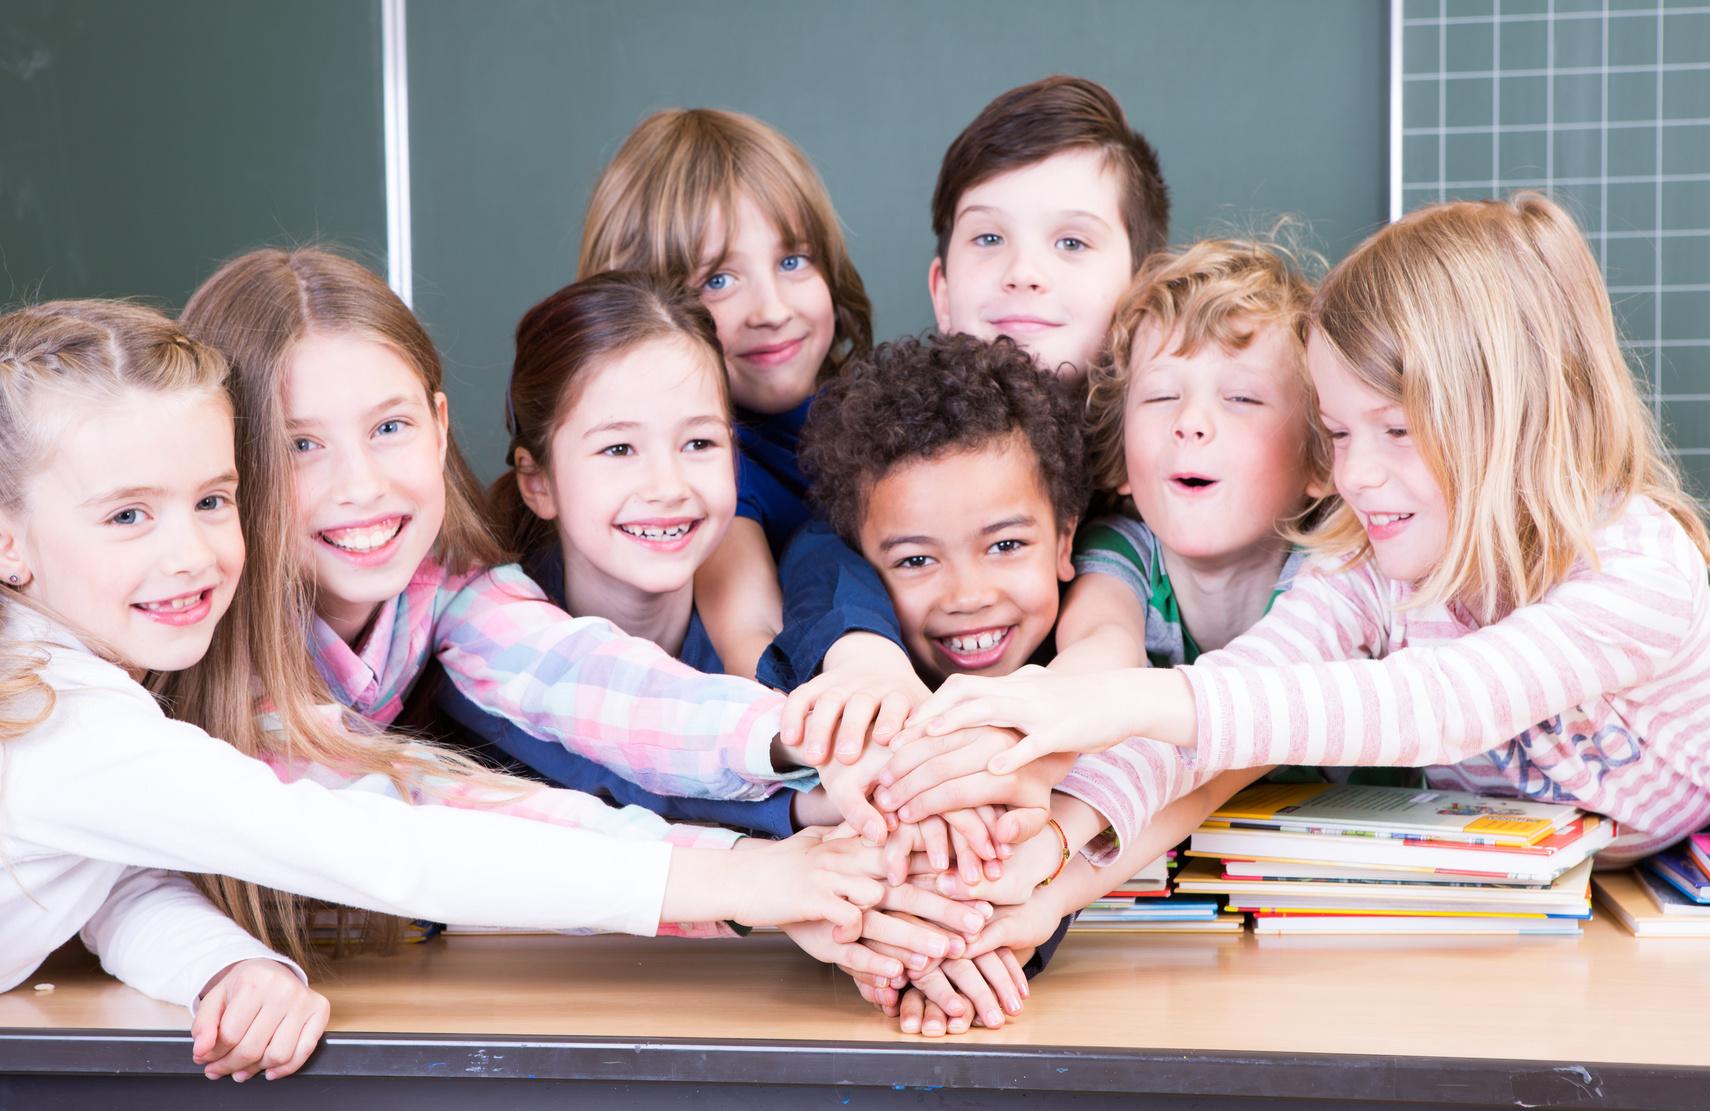 obrazek ilustrujący grupę dzieci w klasie